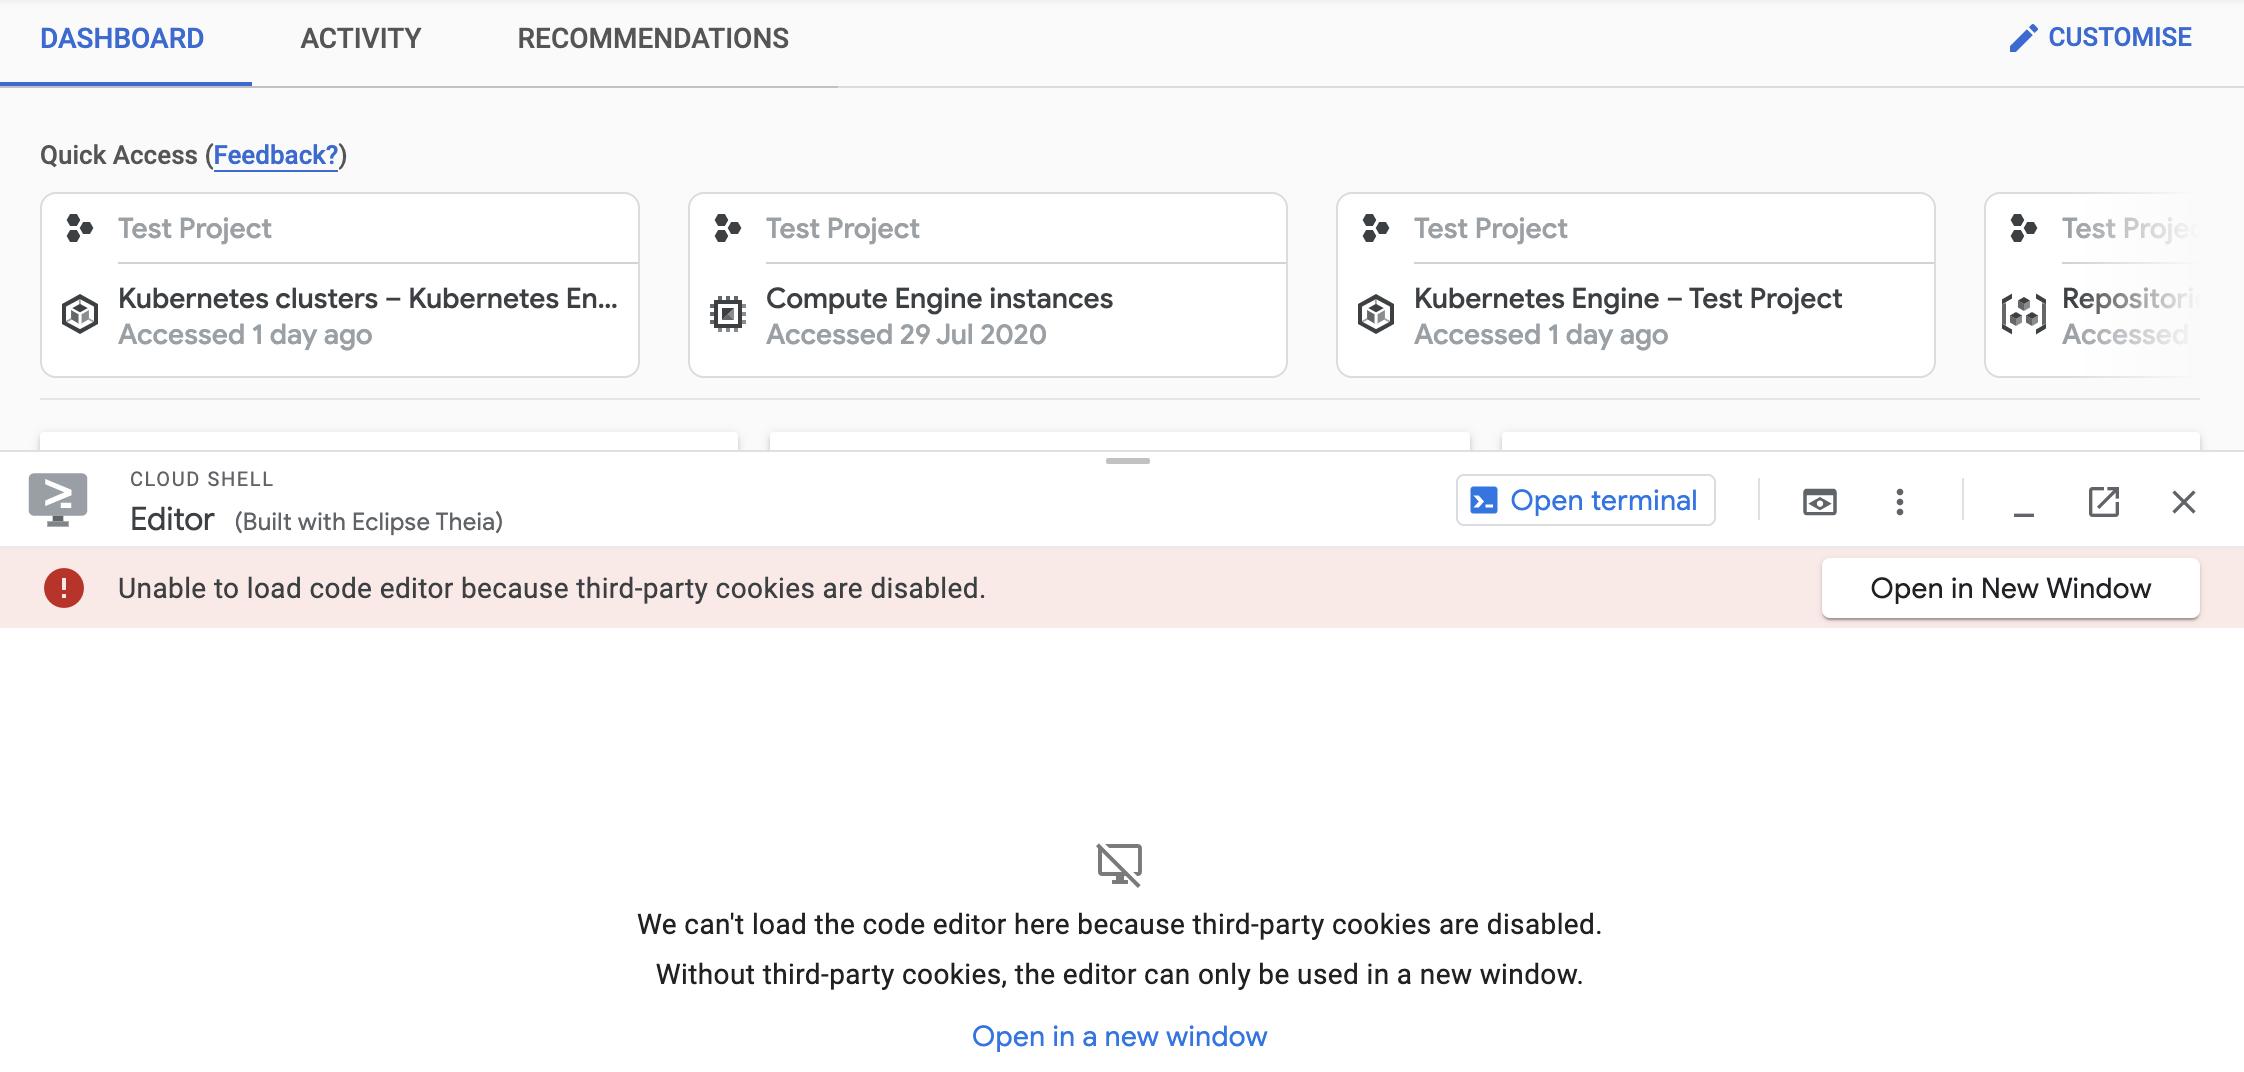 编辑器面板会说明由于屏蔽第三方 Cookie 而无法加载代码编辑器,同时提供在新窗口中打开编辑器的链接